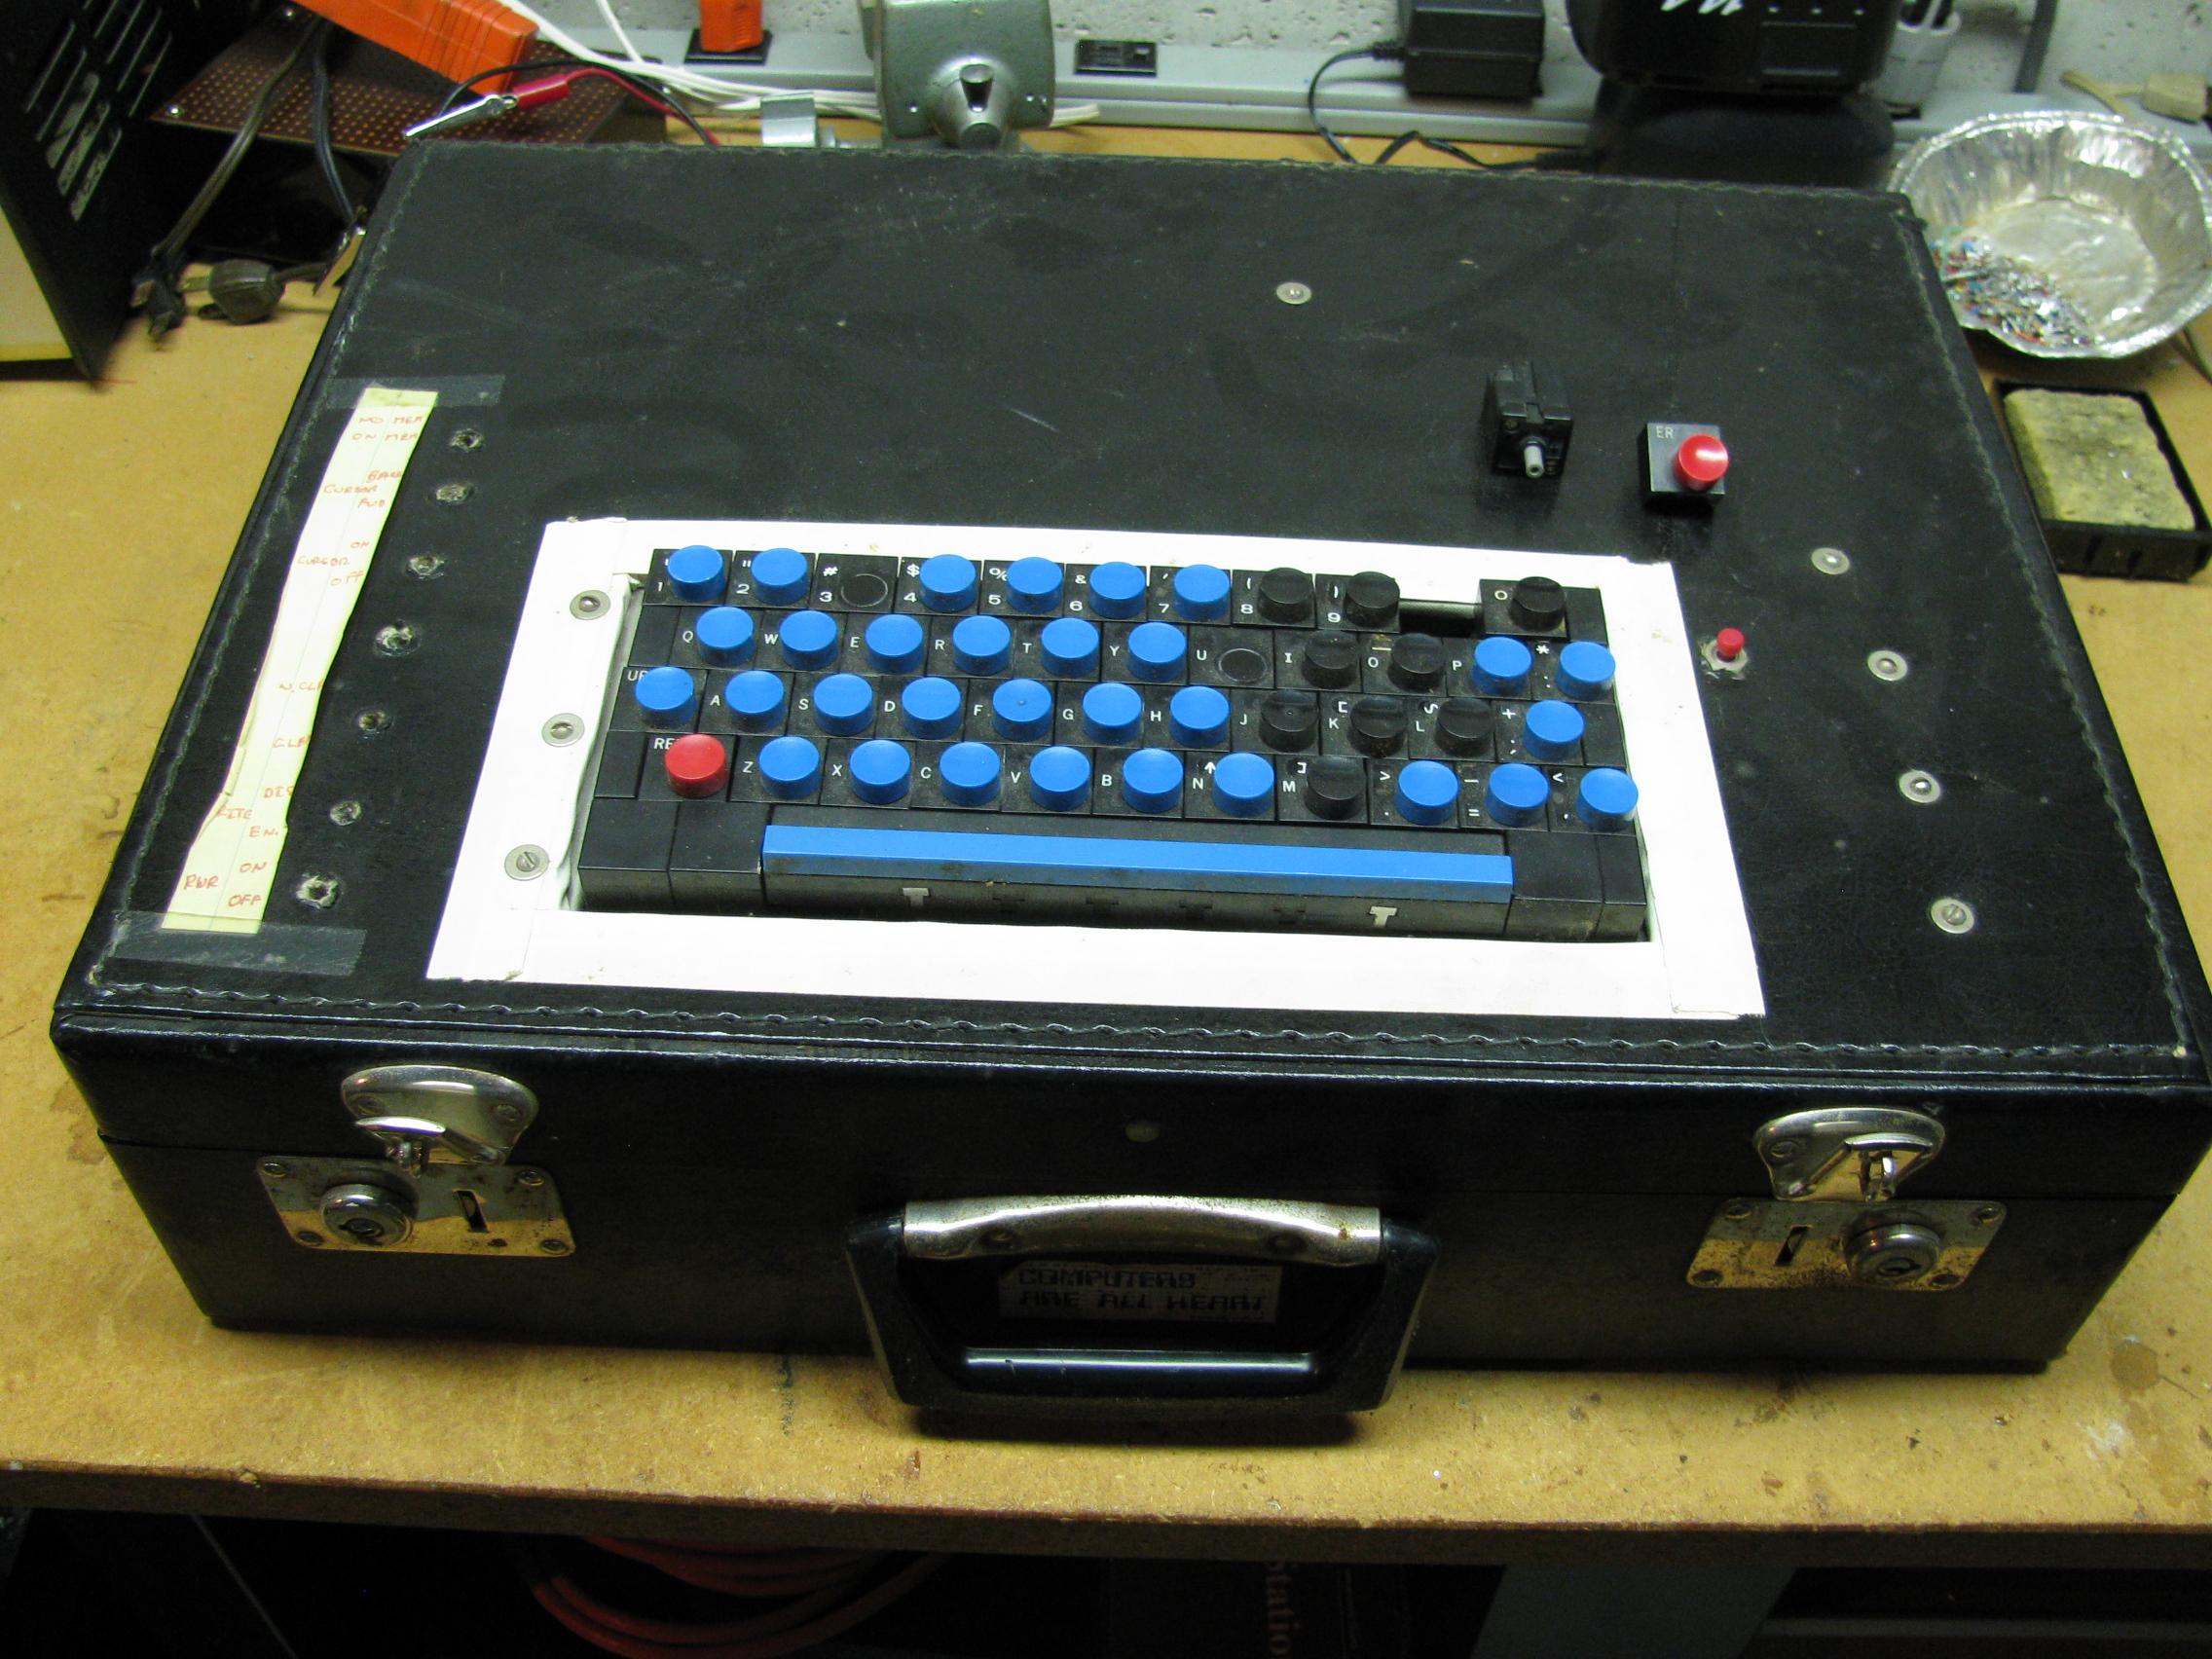 TV Typewriter Keyboard